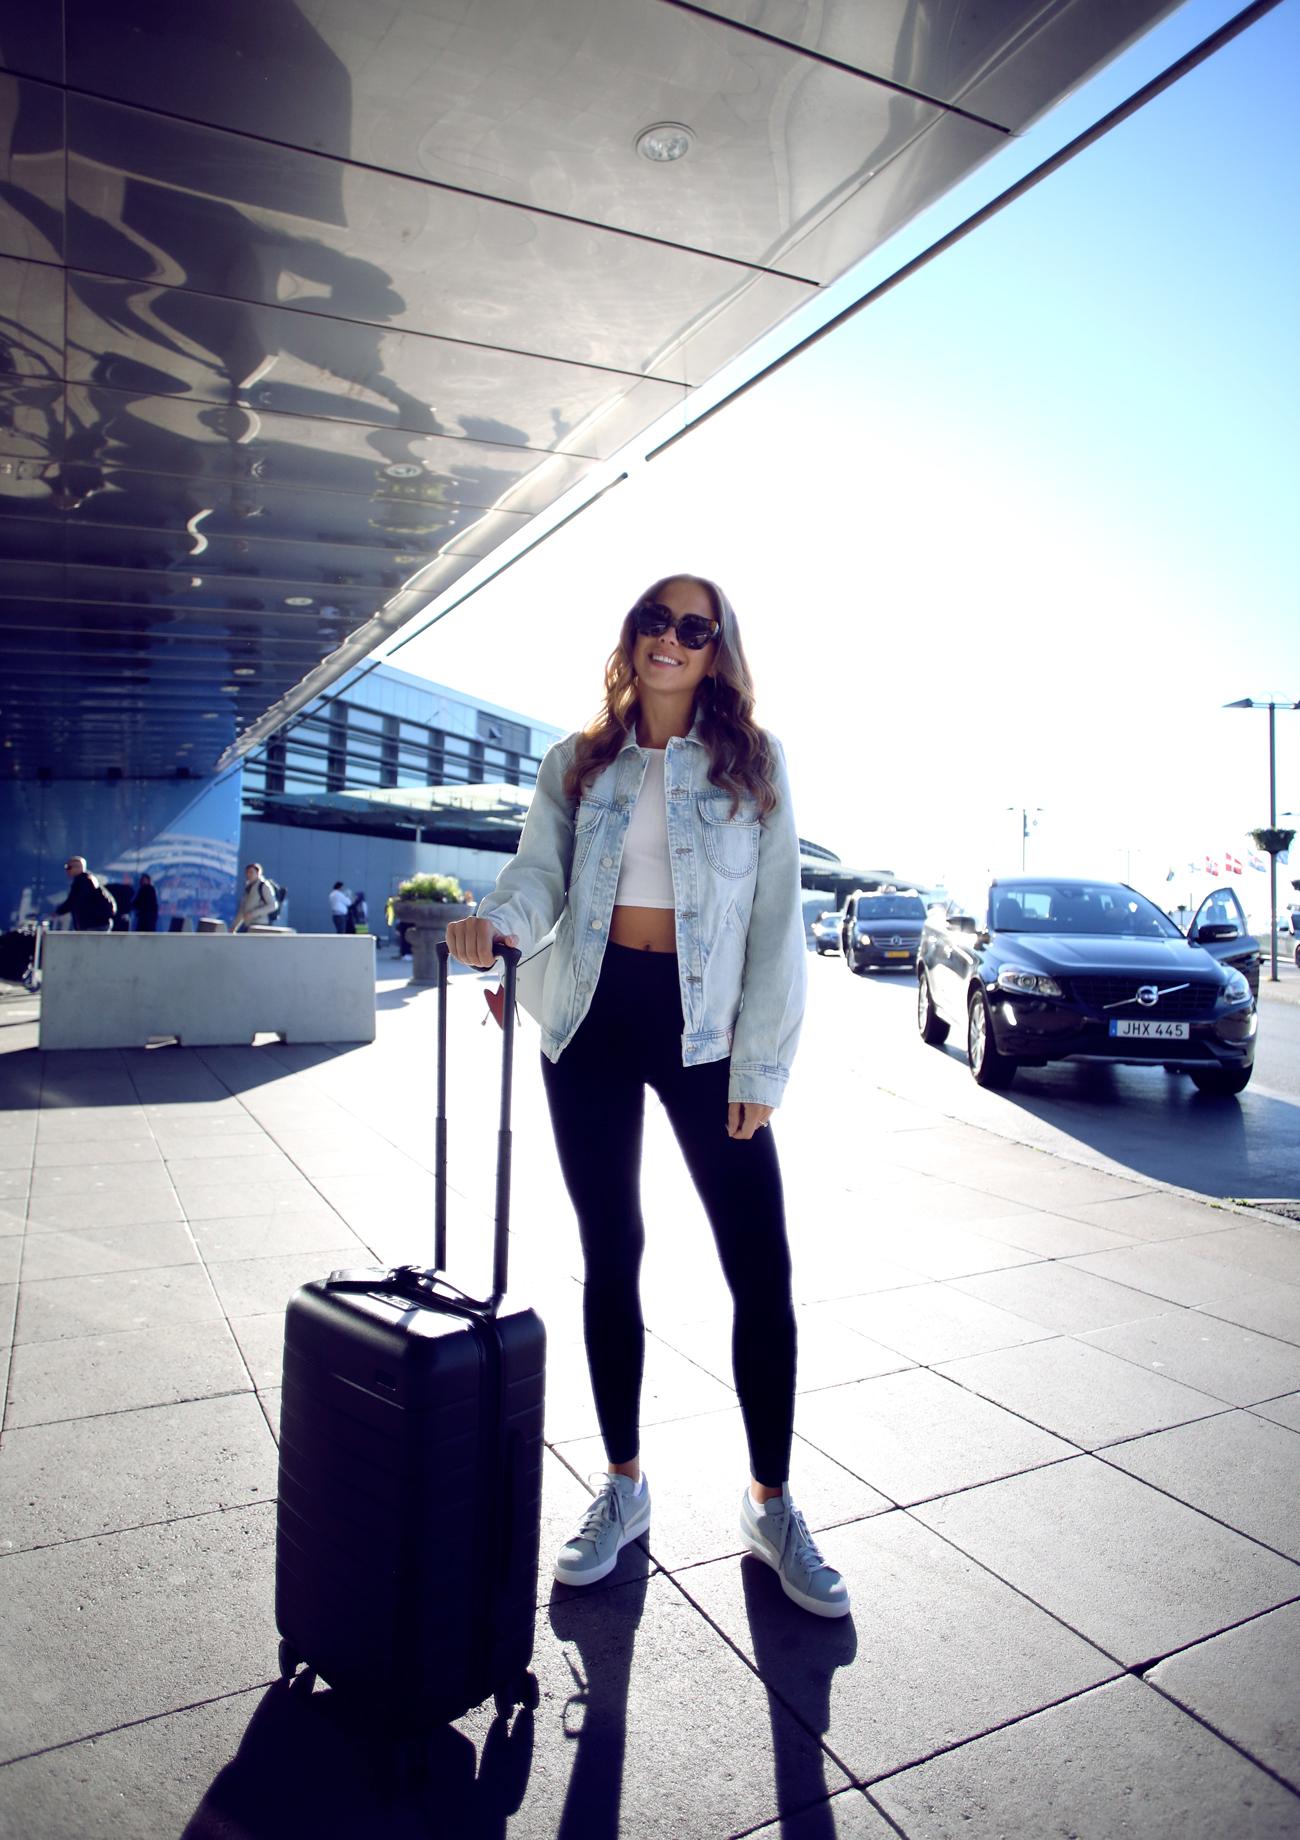 flygplats6